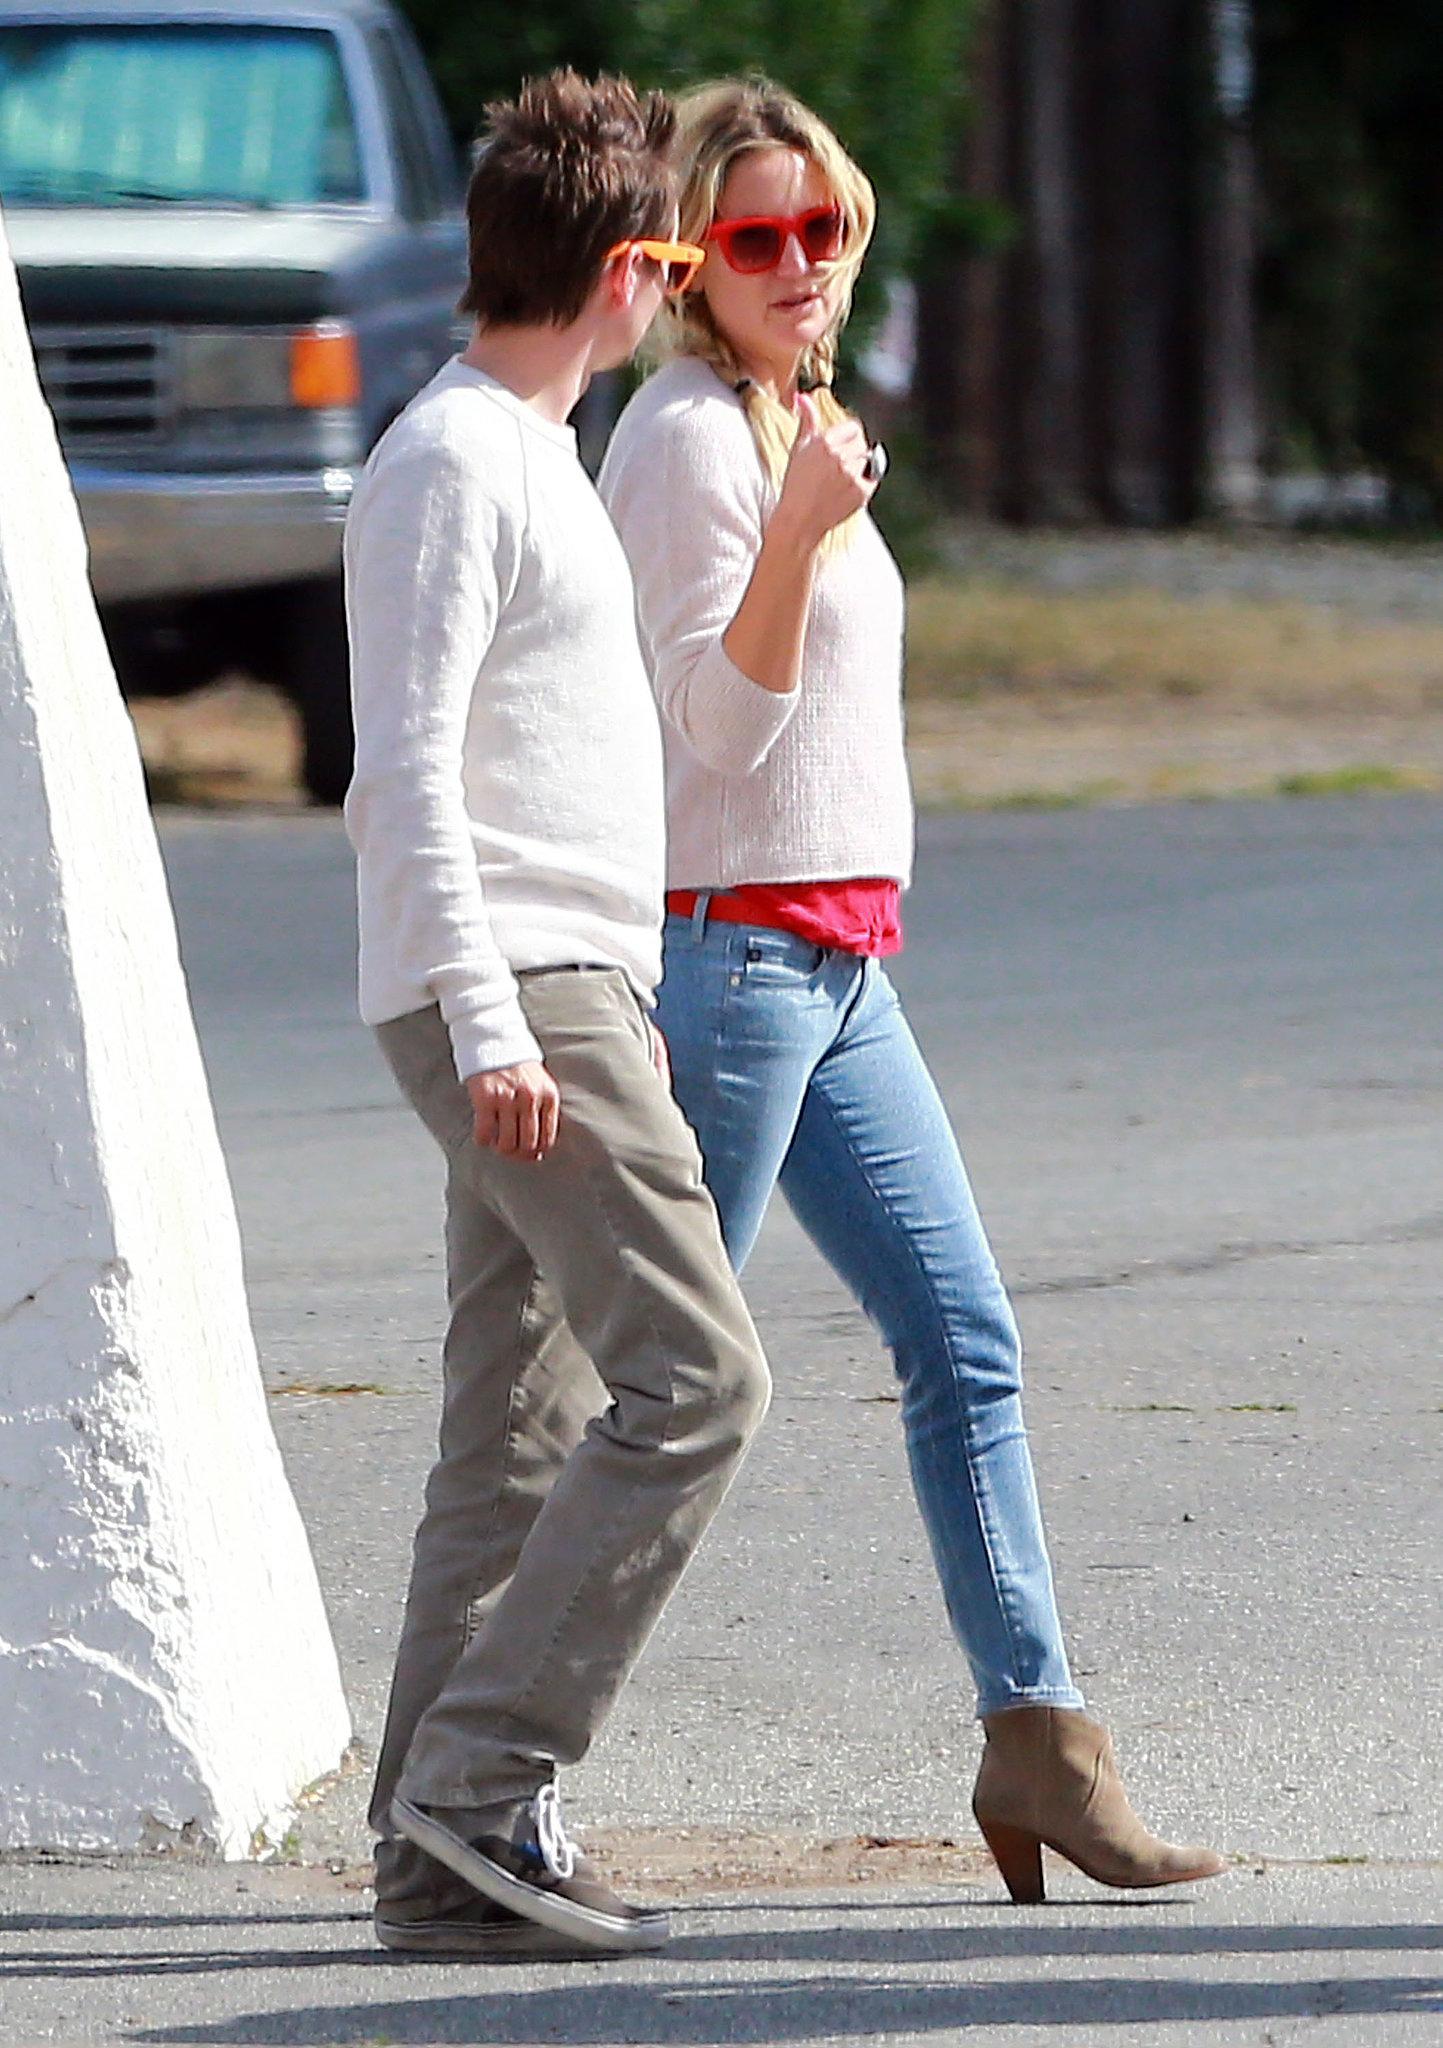 Kate Hudson and Matthew Bellamy wore sunglasses in Santa Barbara, CA.